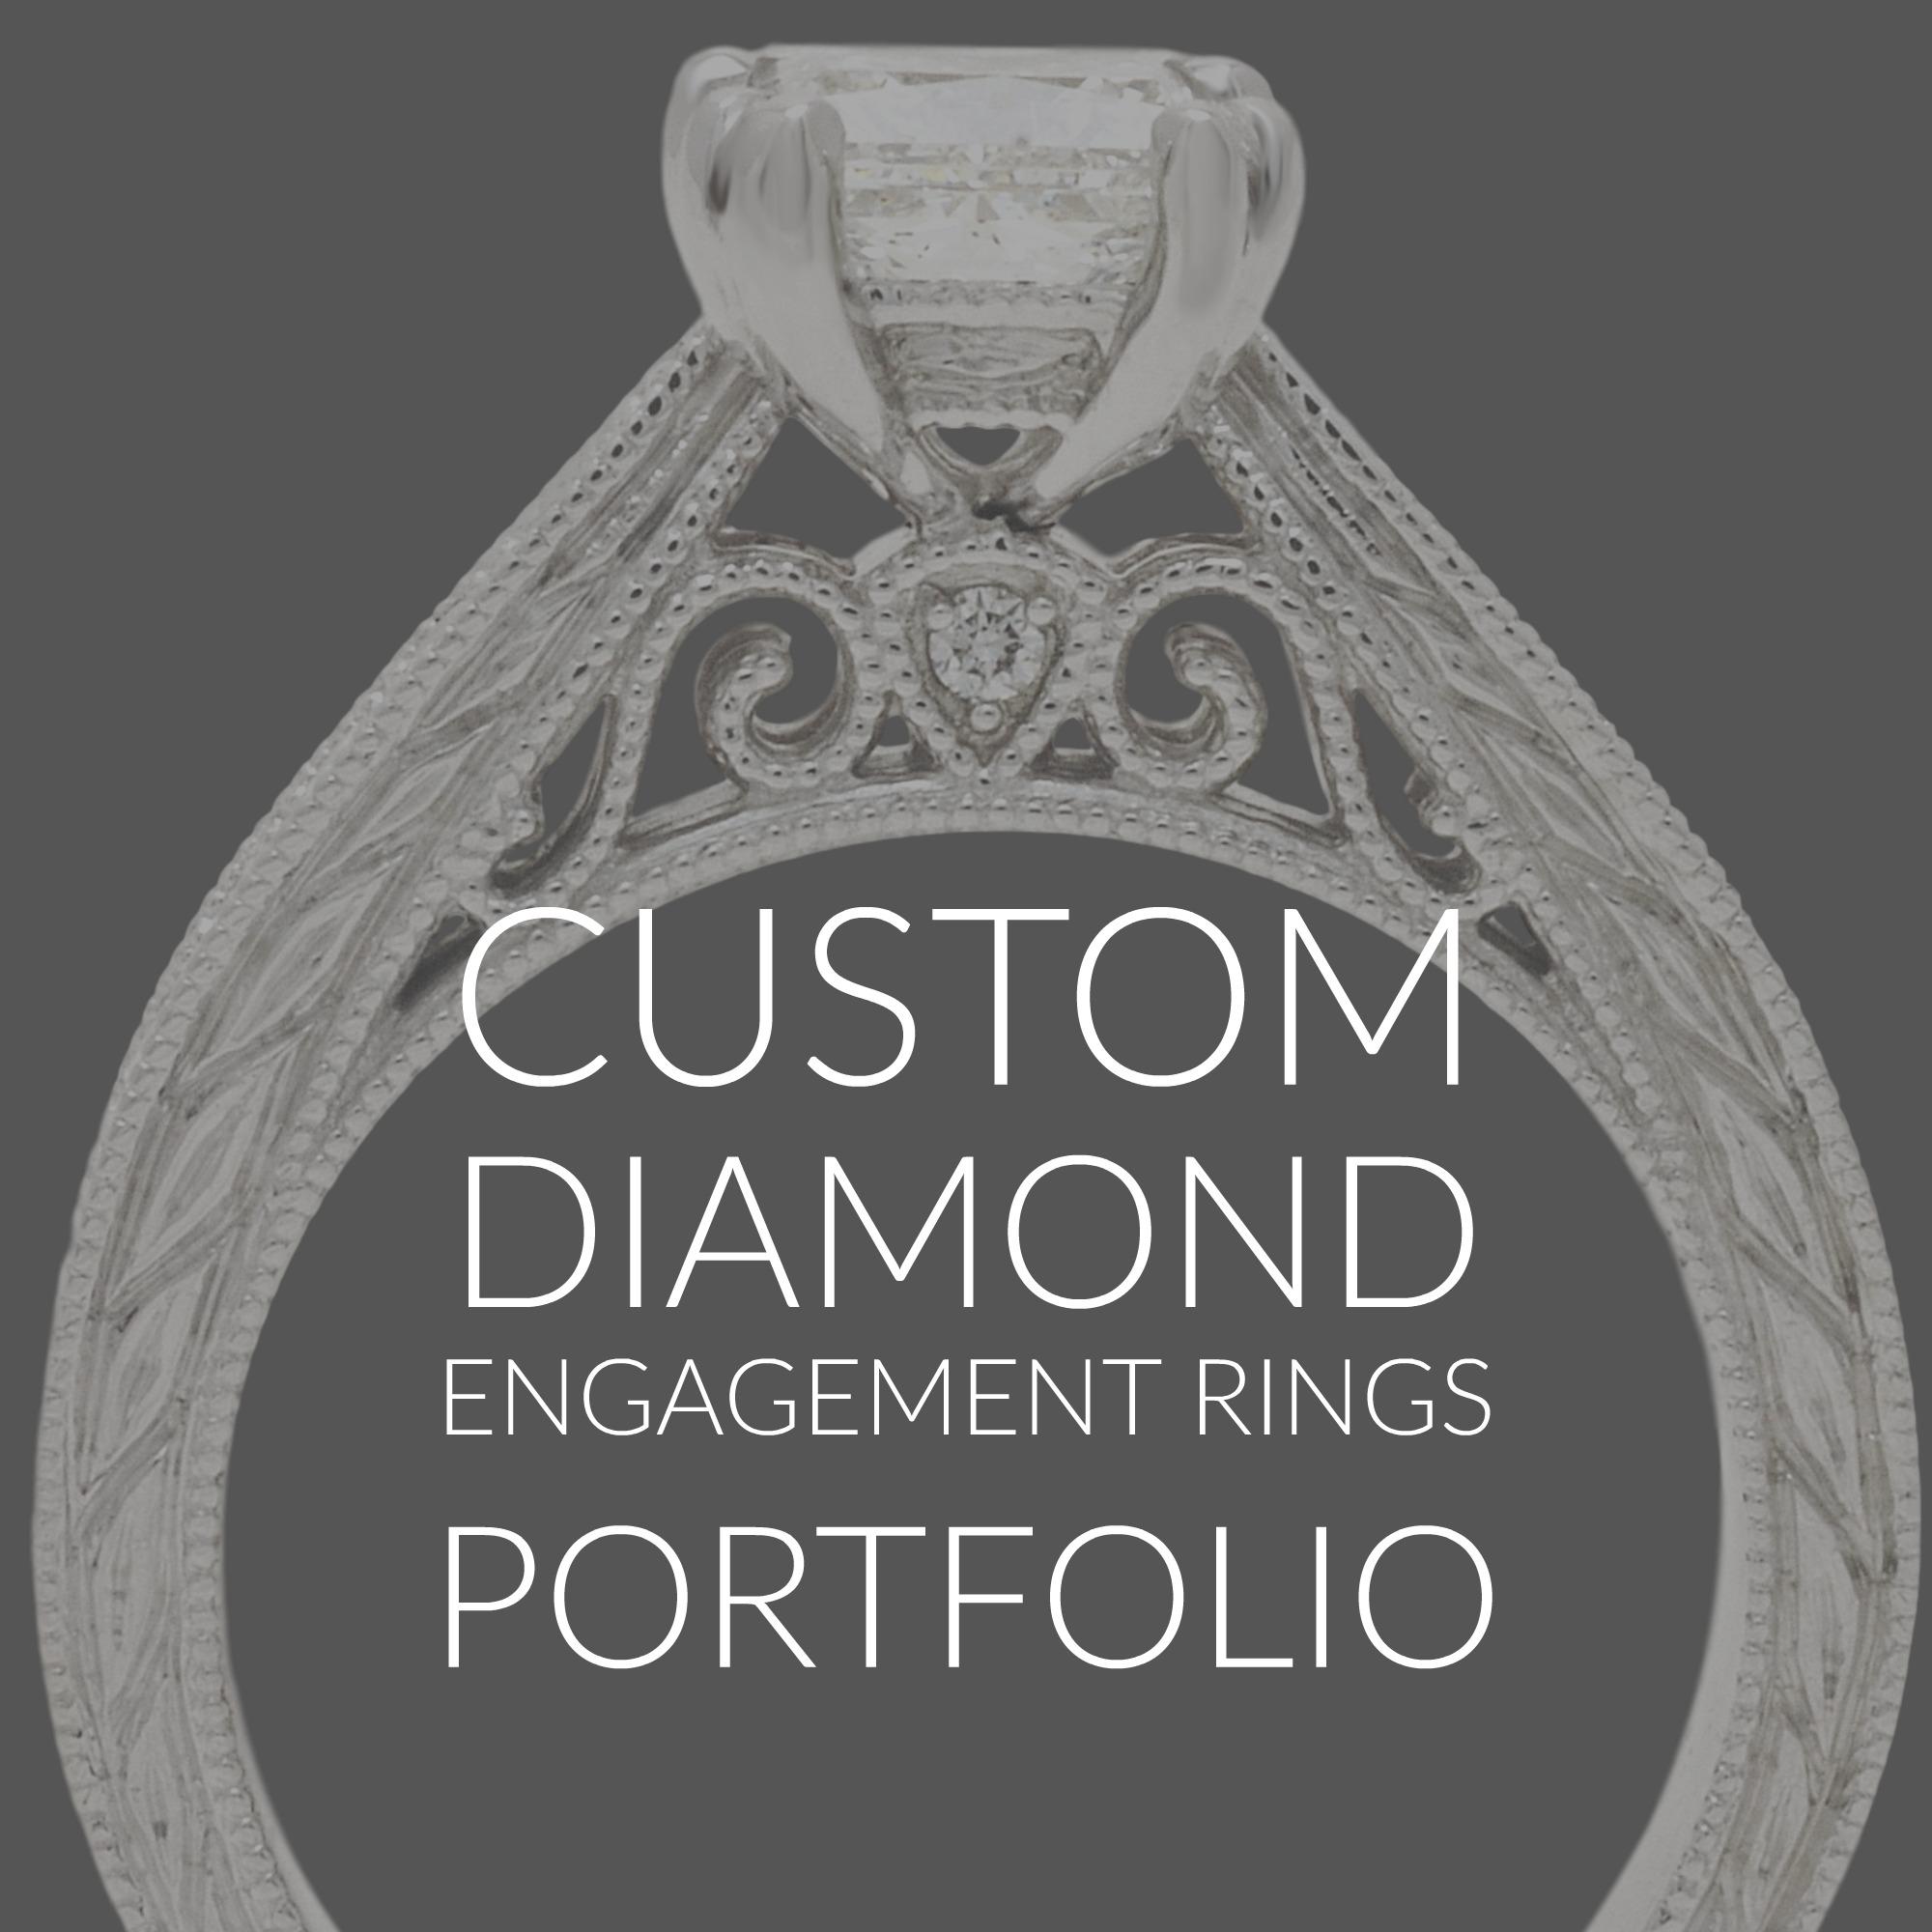 Custom Engagement Rings.jpg